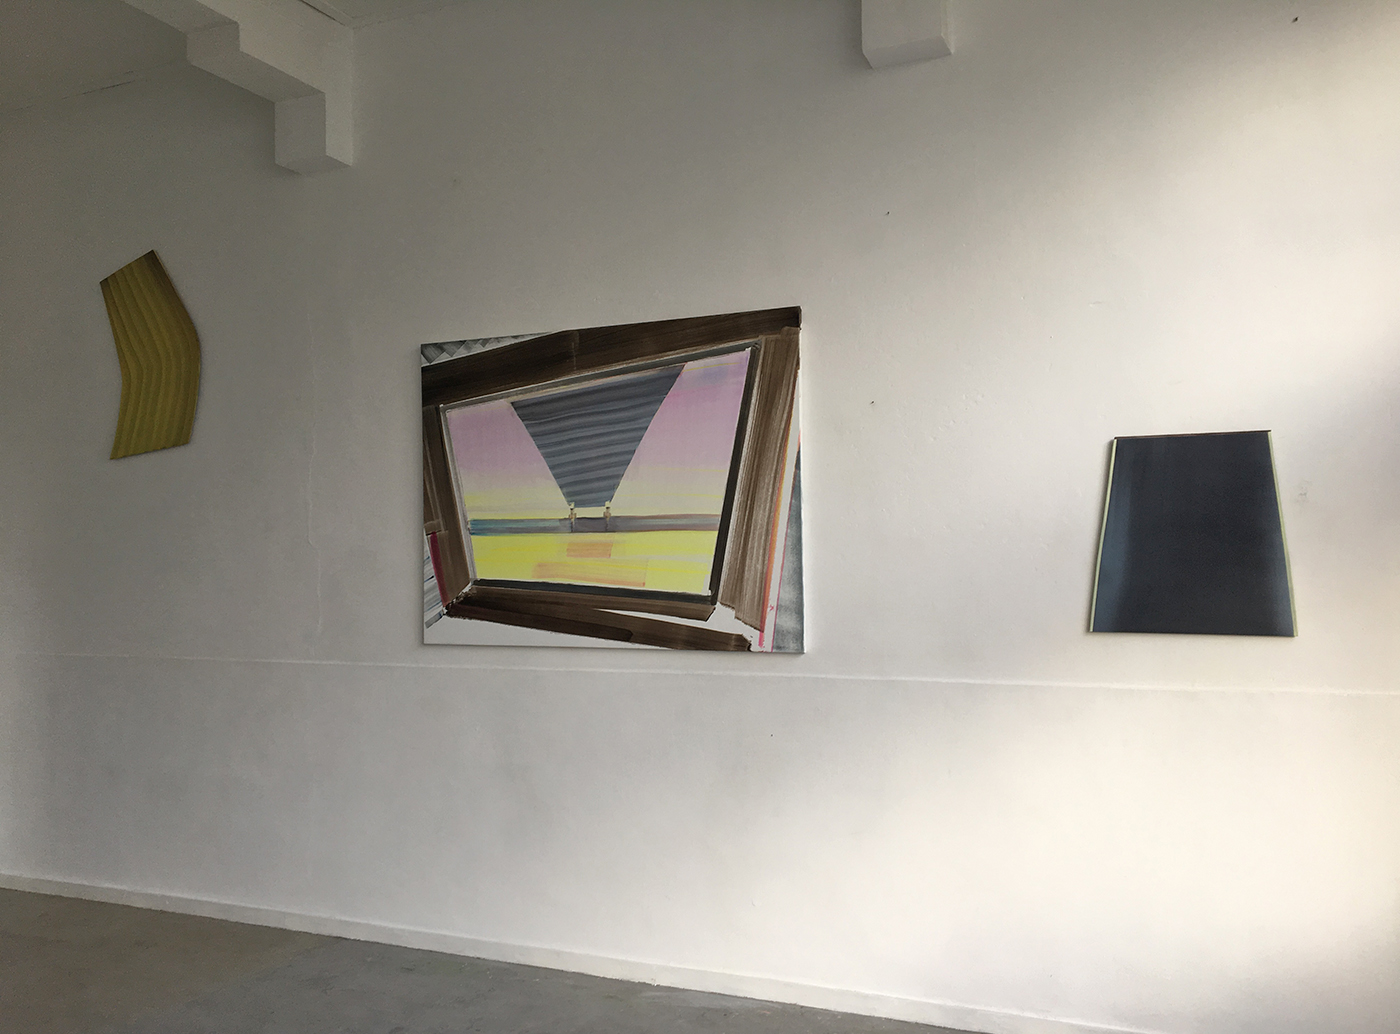 vormen uit schilderijen als zelstandige betekenisdrager